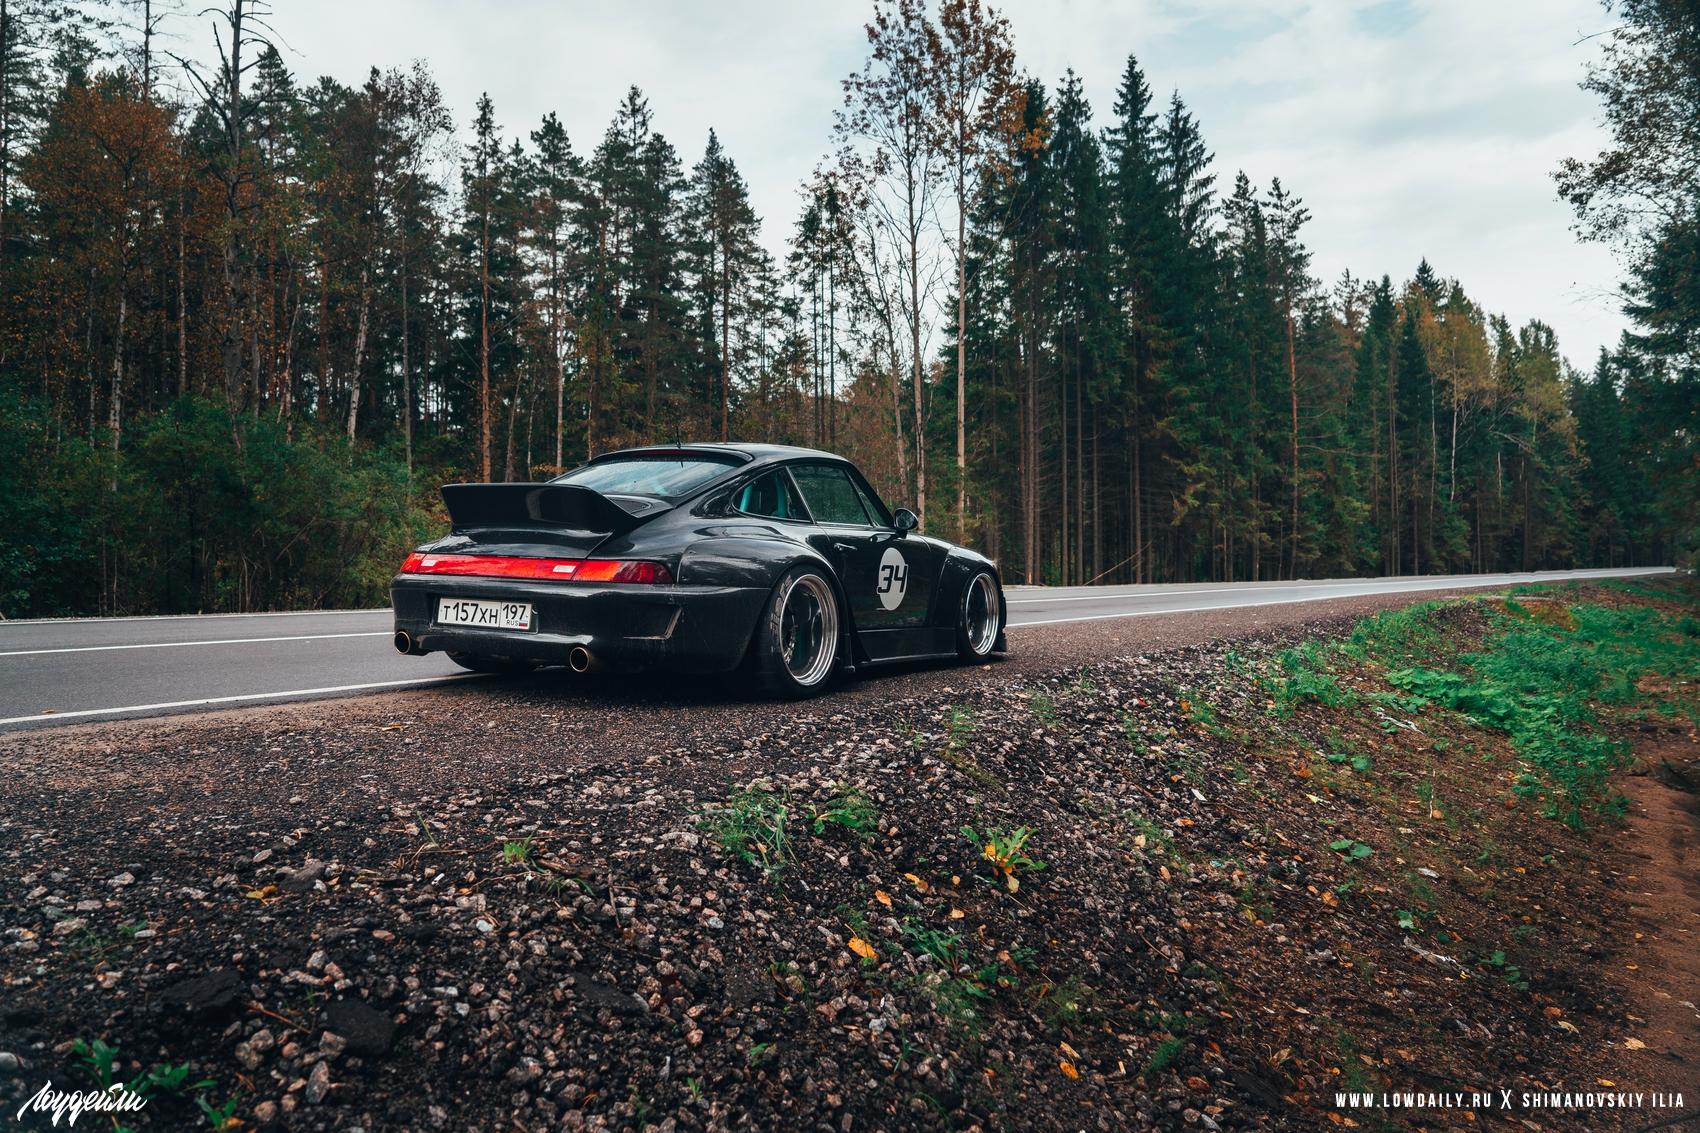 Porsche RWB 993 Bagheera DSC05774